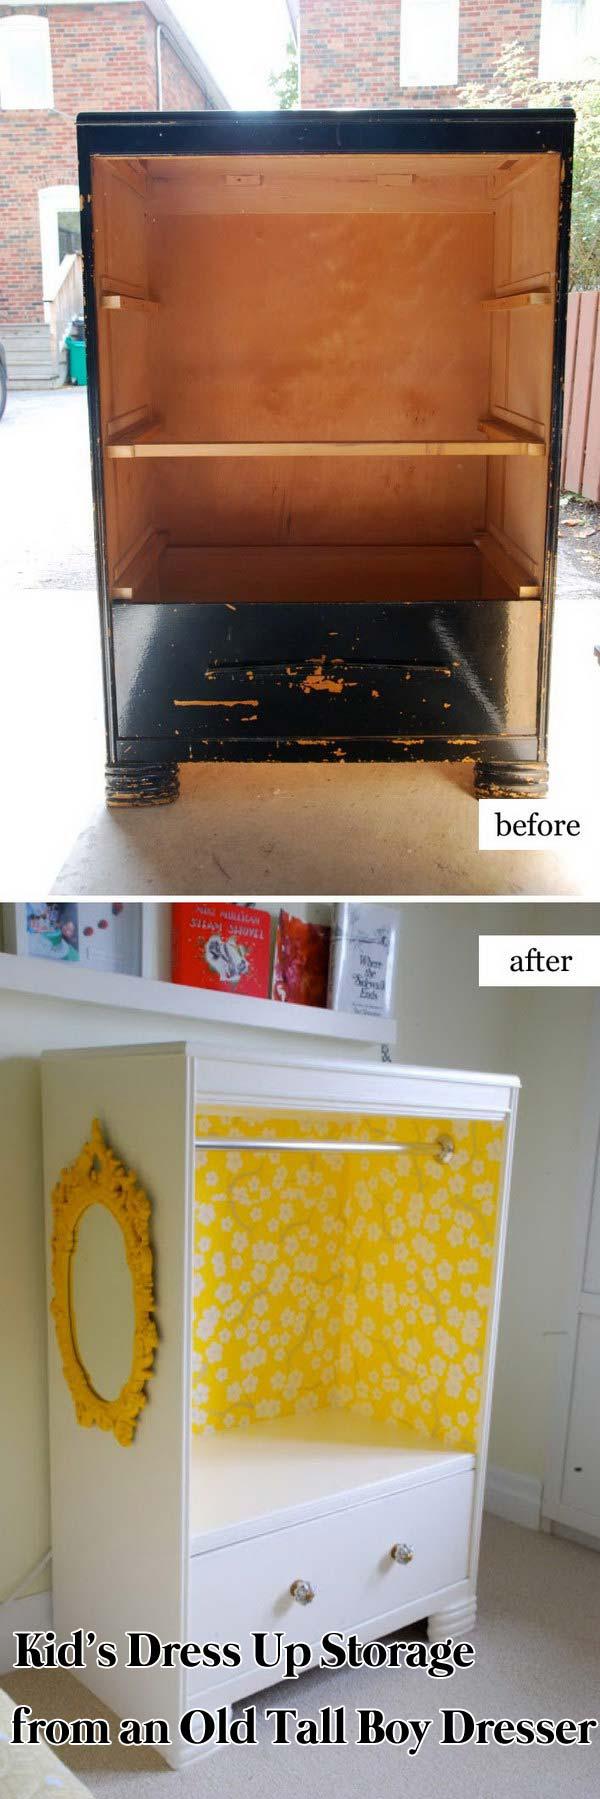 Alte Möbel umbauen und neu gestalten: 9 coole Inspirationen